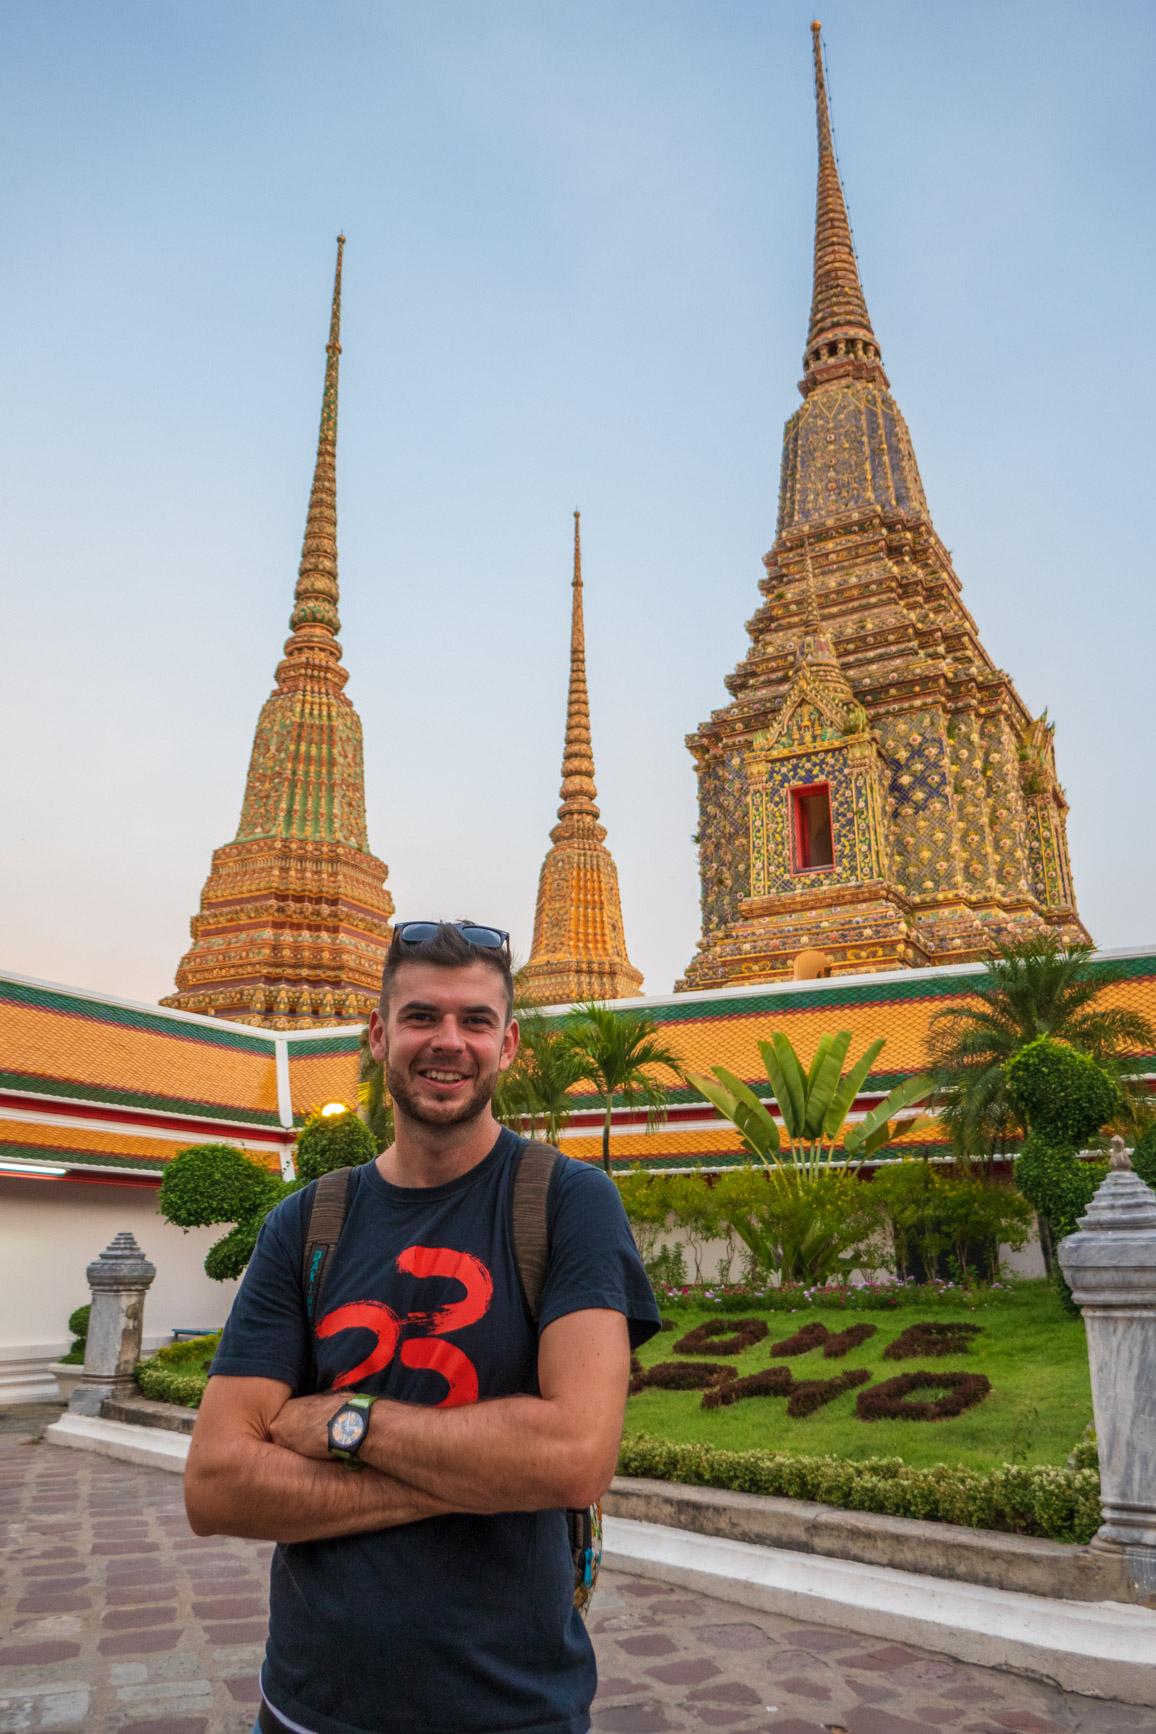 https://bubo.sk/uploads/galleries/5060/martinsimko_thajsko_bangkok_p1010686.jpg